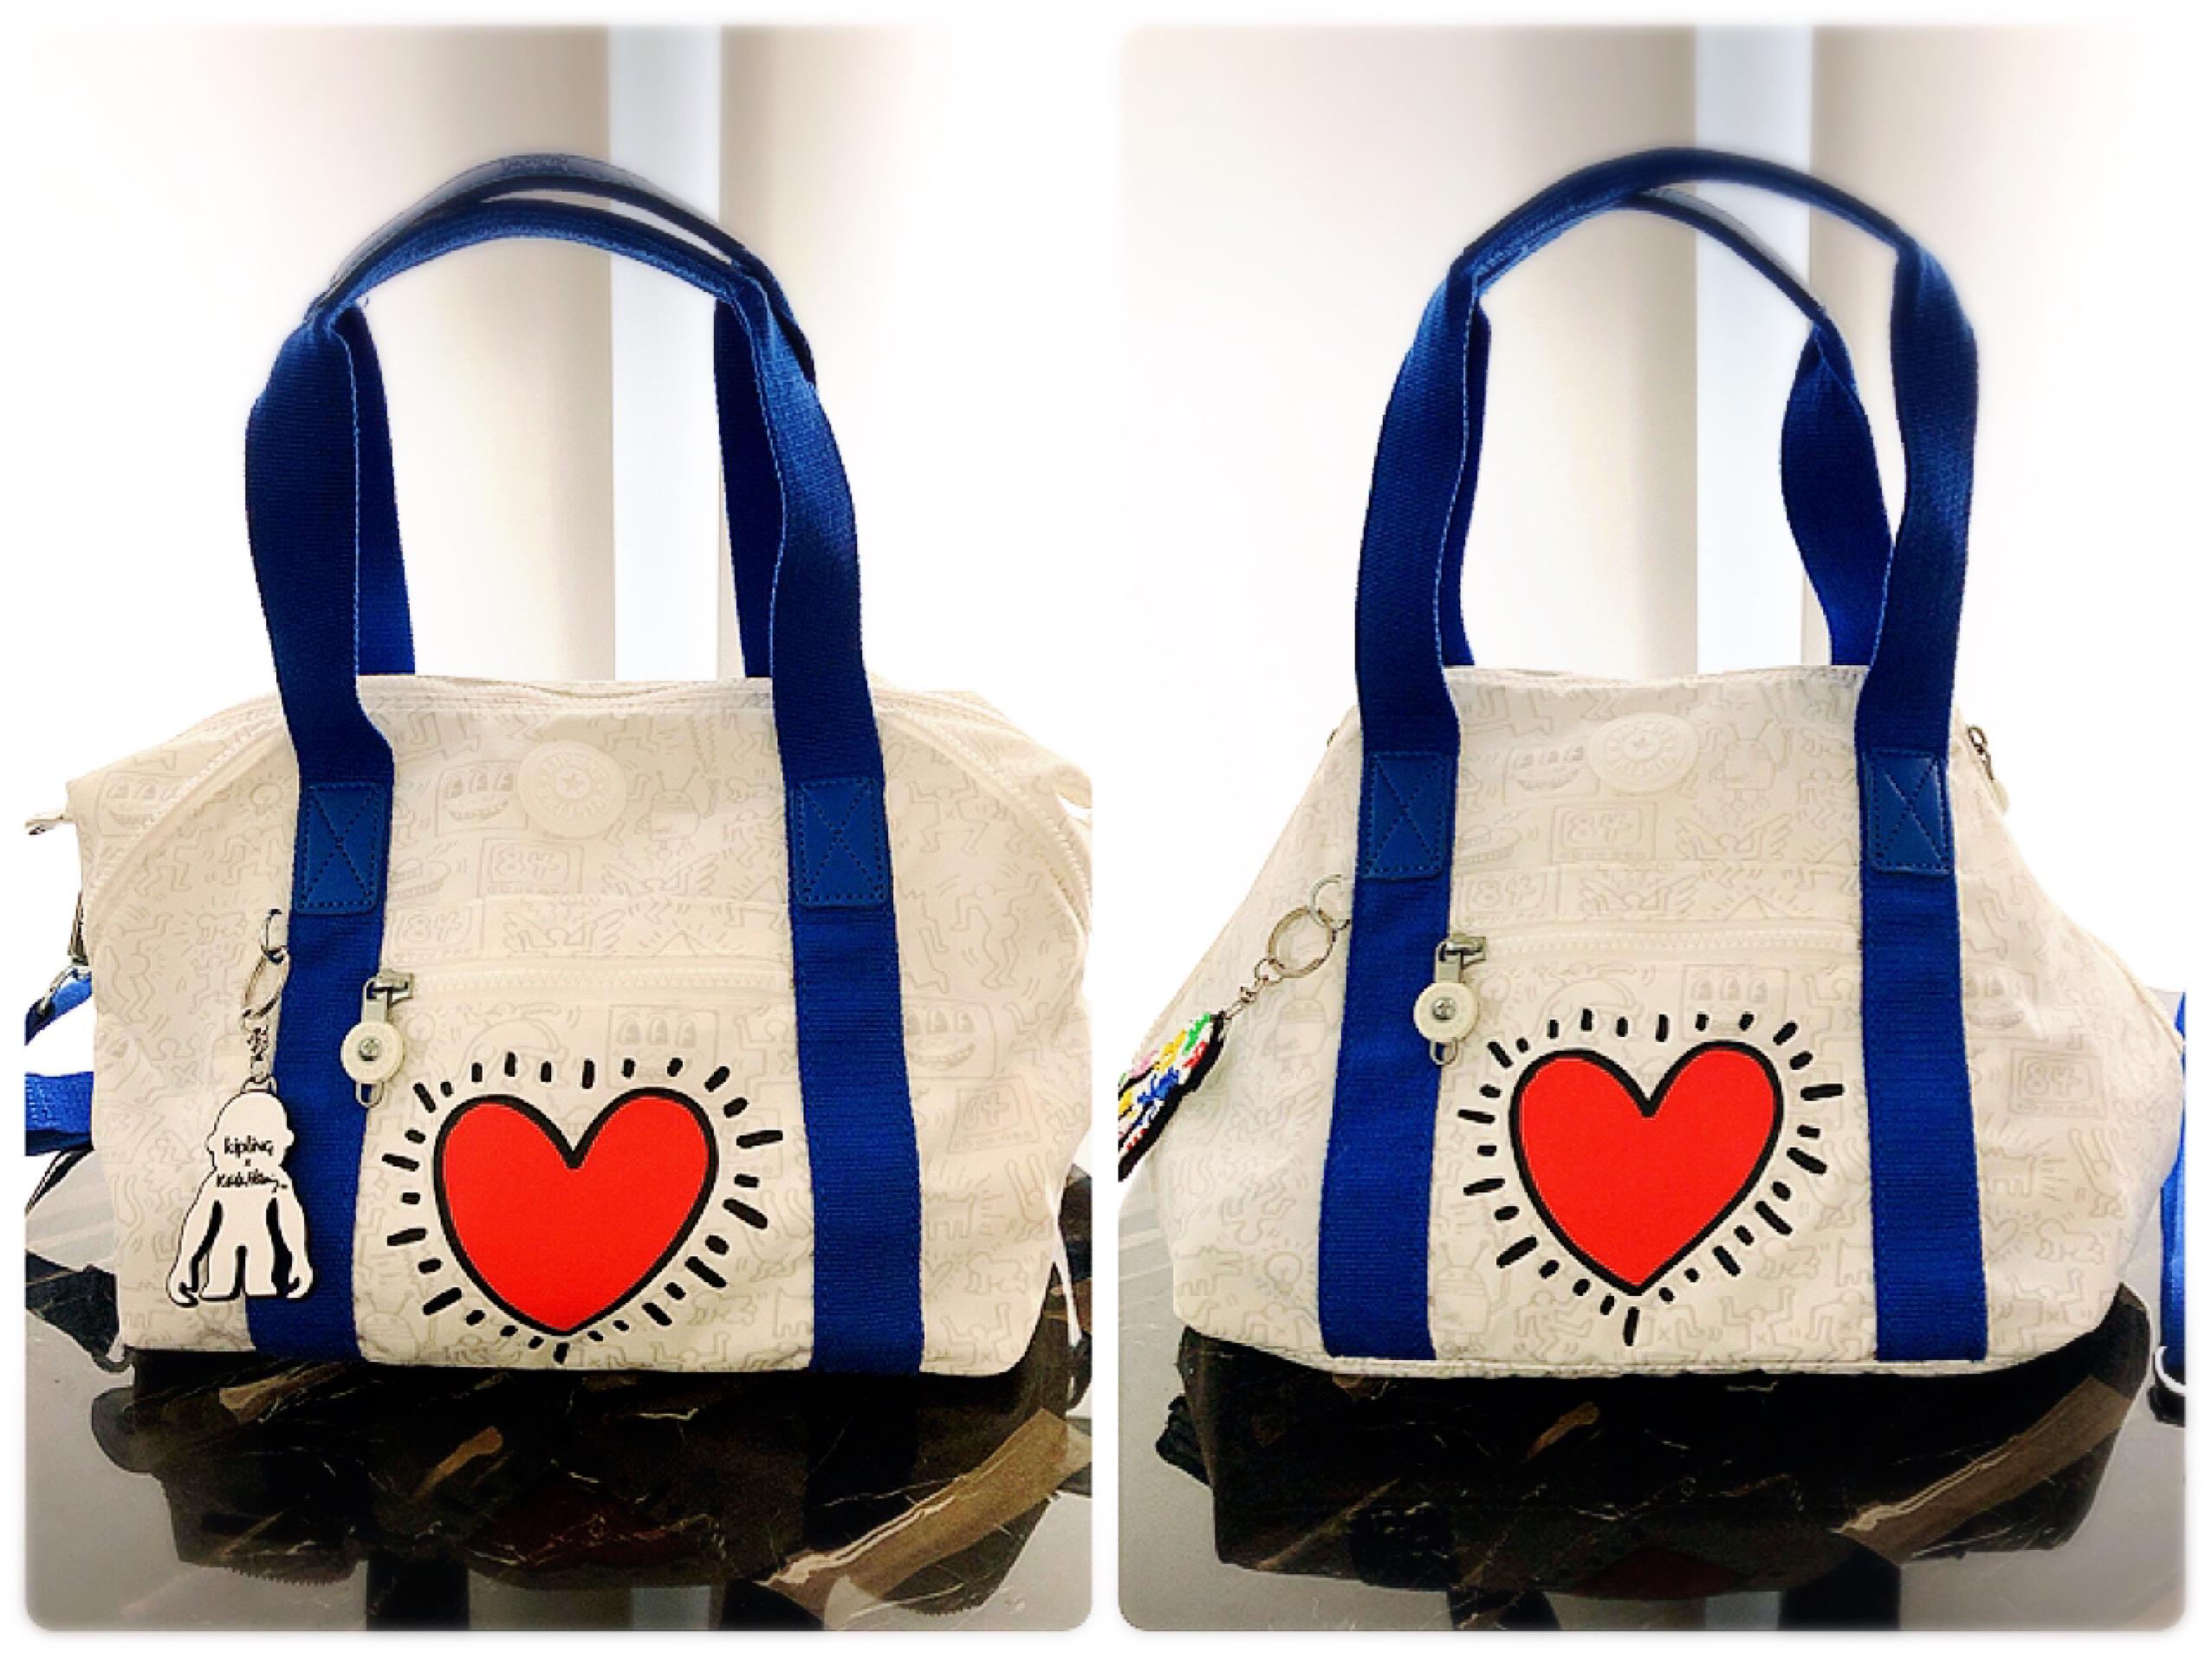 【NEW!】《Kipling×Keith Haring》ポップなデザインがファッションのアクセントに♡ GoTo Travelに大活躍の2wayバッグ!_1